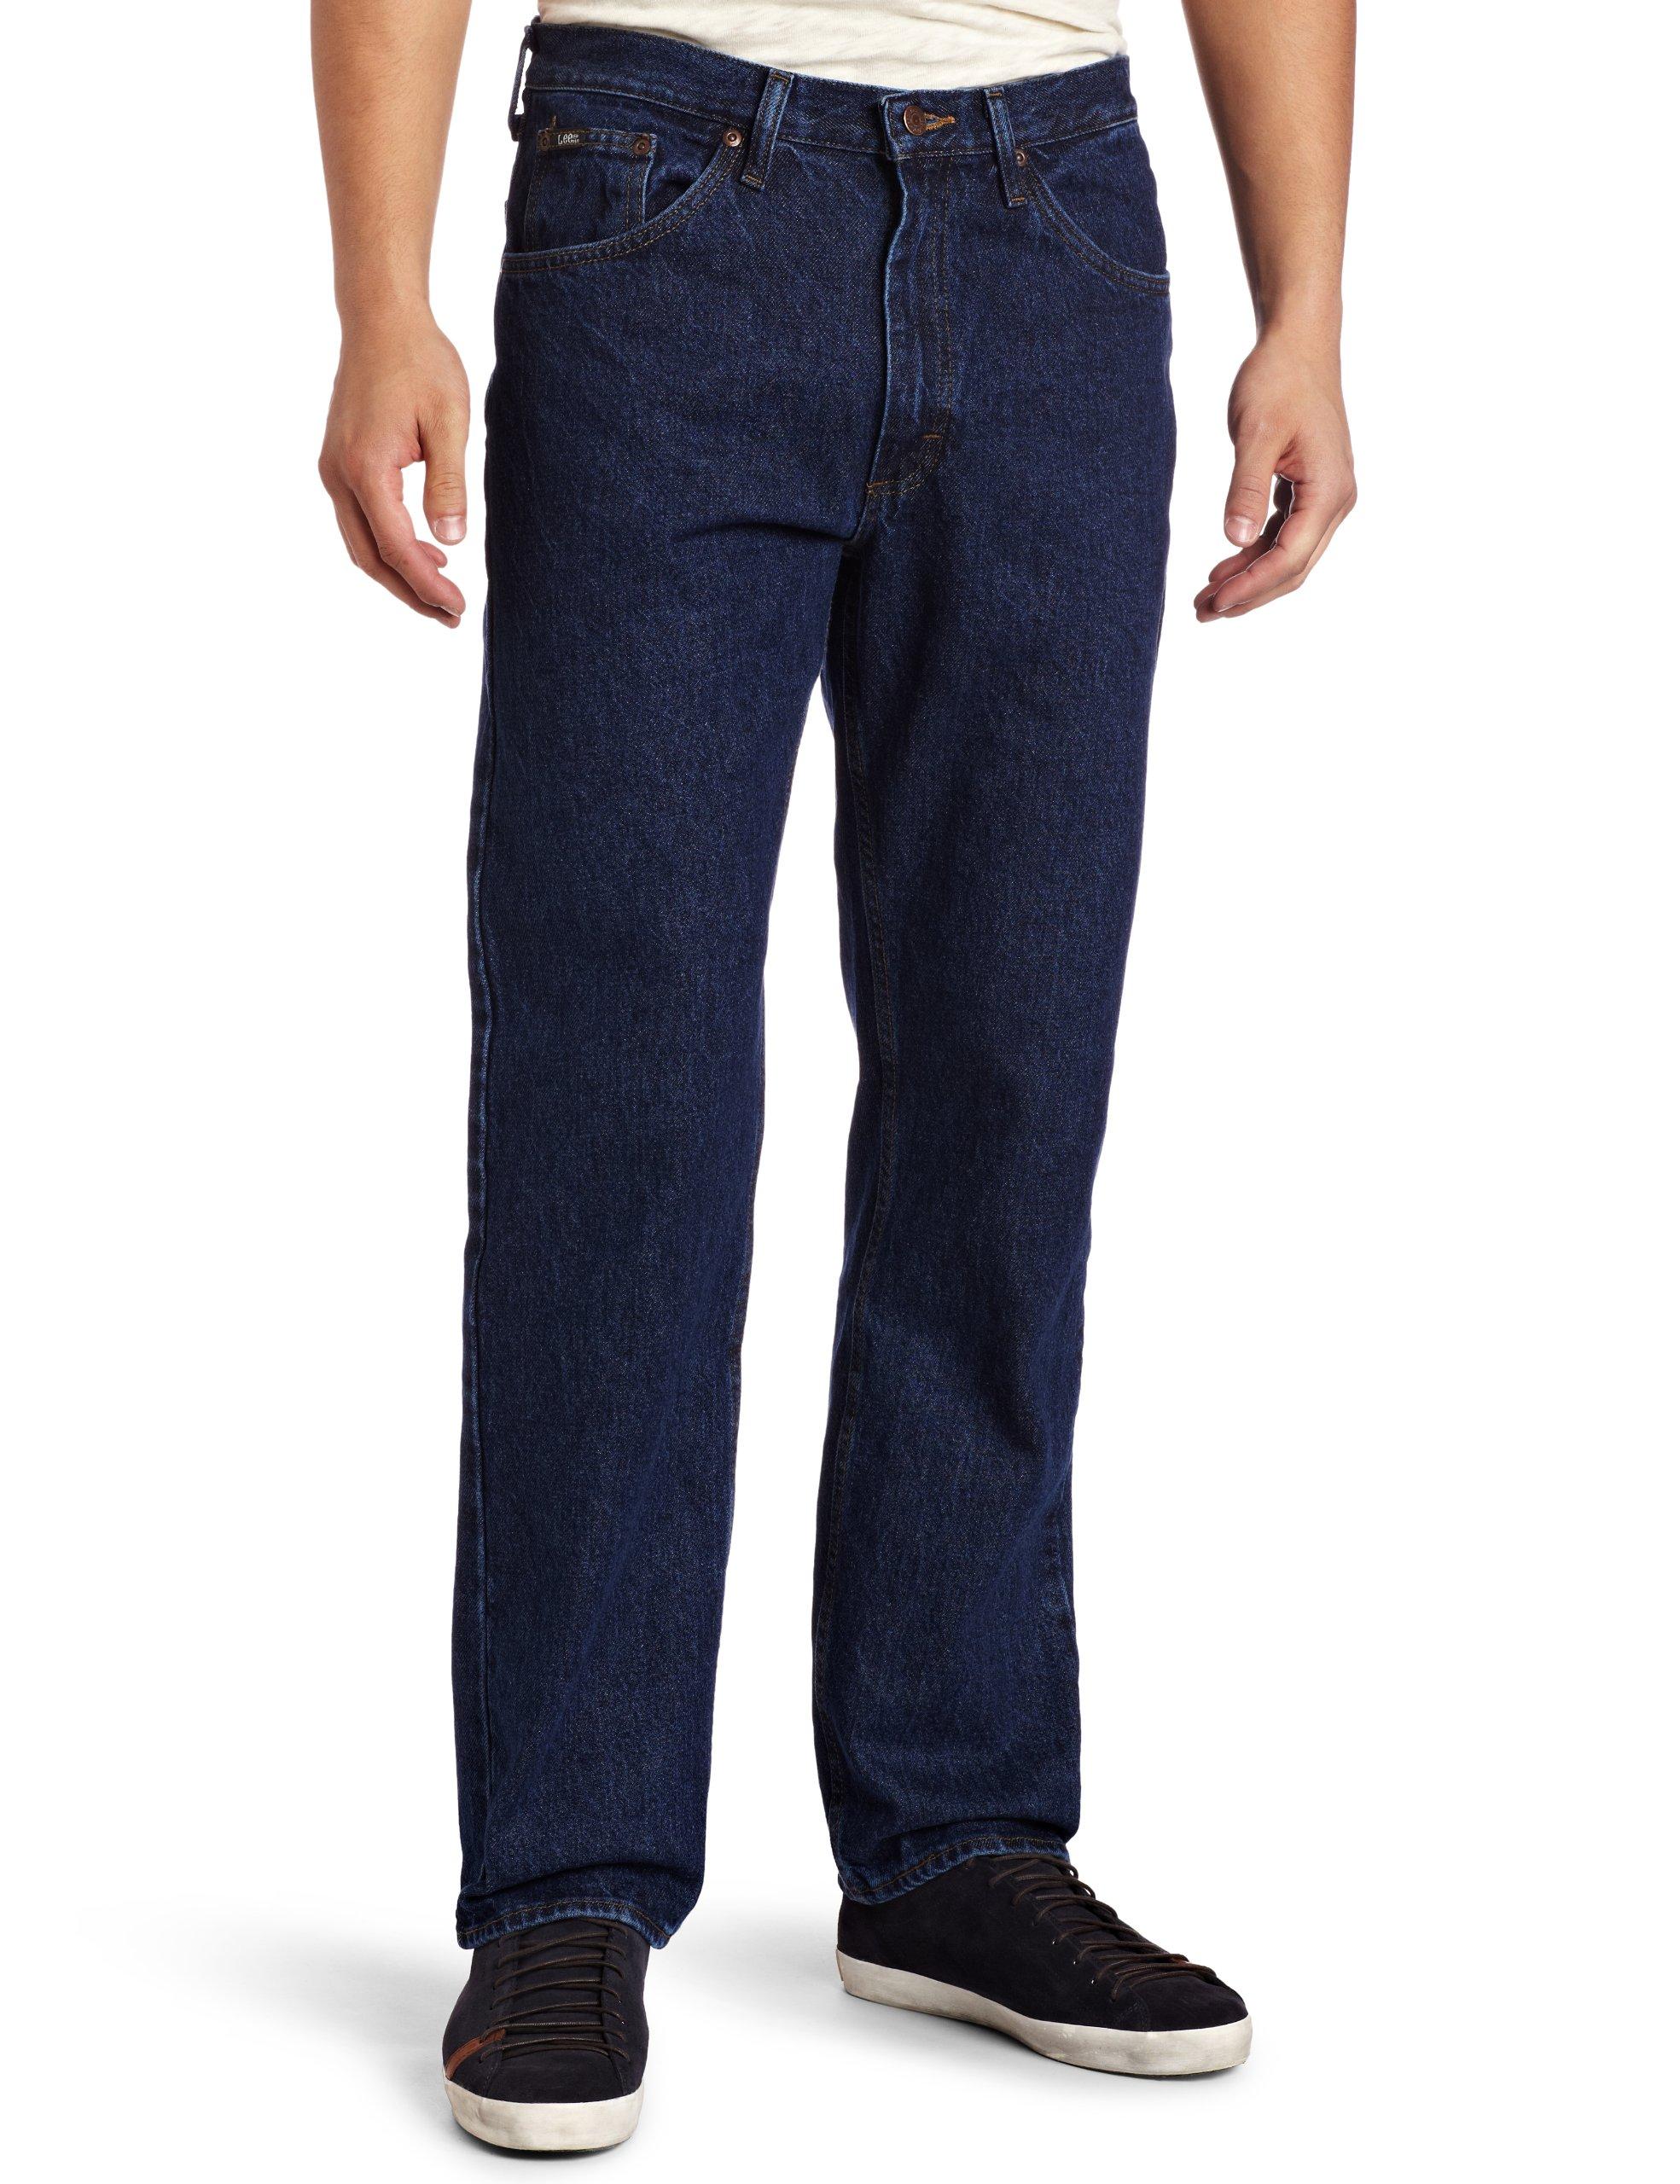 Lee Men's Regular Fit Straight Leg Jean, Dark Stone, 33W x 29L